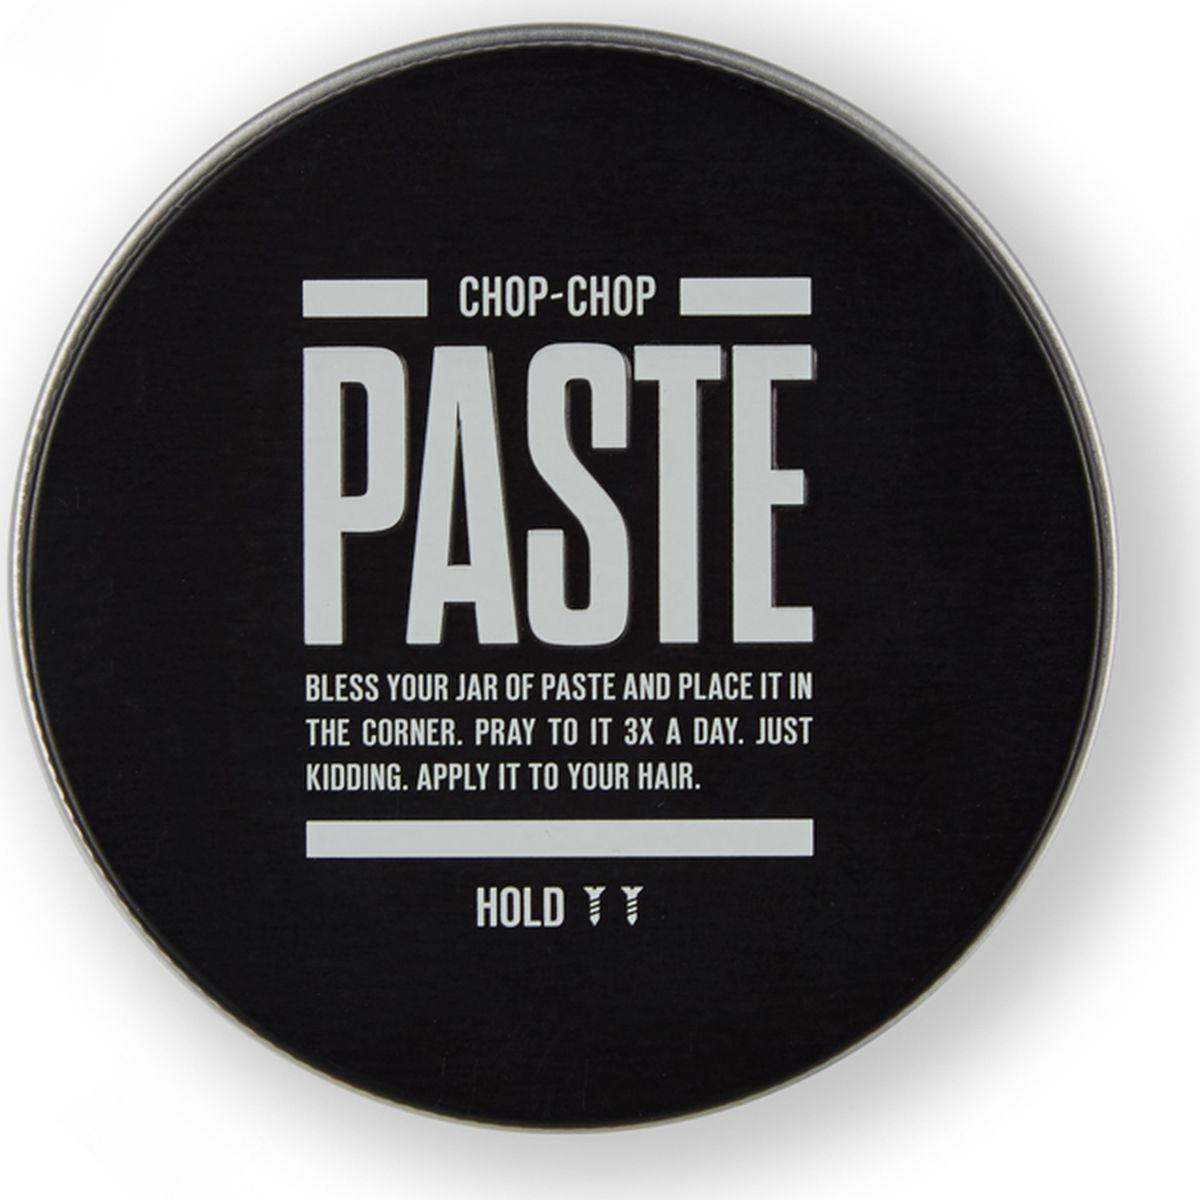 Chop-Chop Паста для волос, 100 млCHPCHP.PST.BФирменное матовое средство для укладки волос с тонким ароматом грейпфрута. Мягкая и деликатная, но в то же время уверенная фиксация. Подходит как для коротких, так и для длинных волос. Основа: водная Фиксация: 2/3 Текстура: матовый эффект Объем: 100 мл